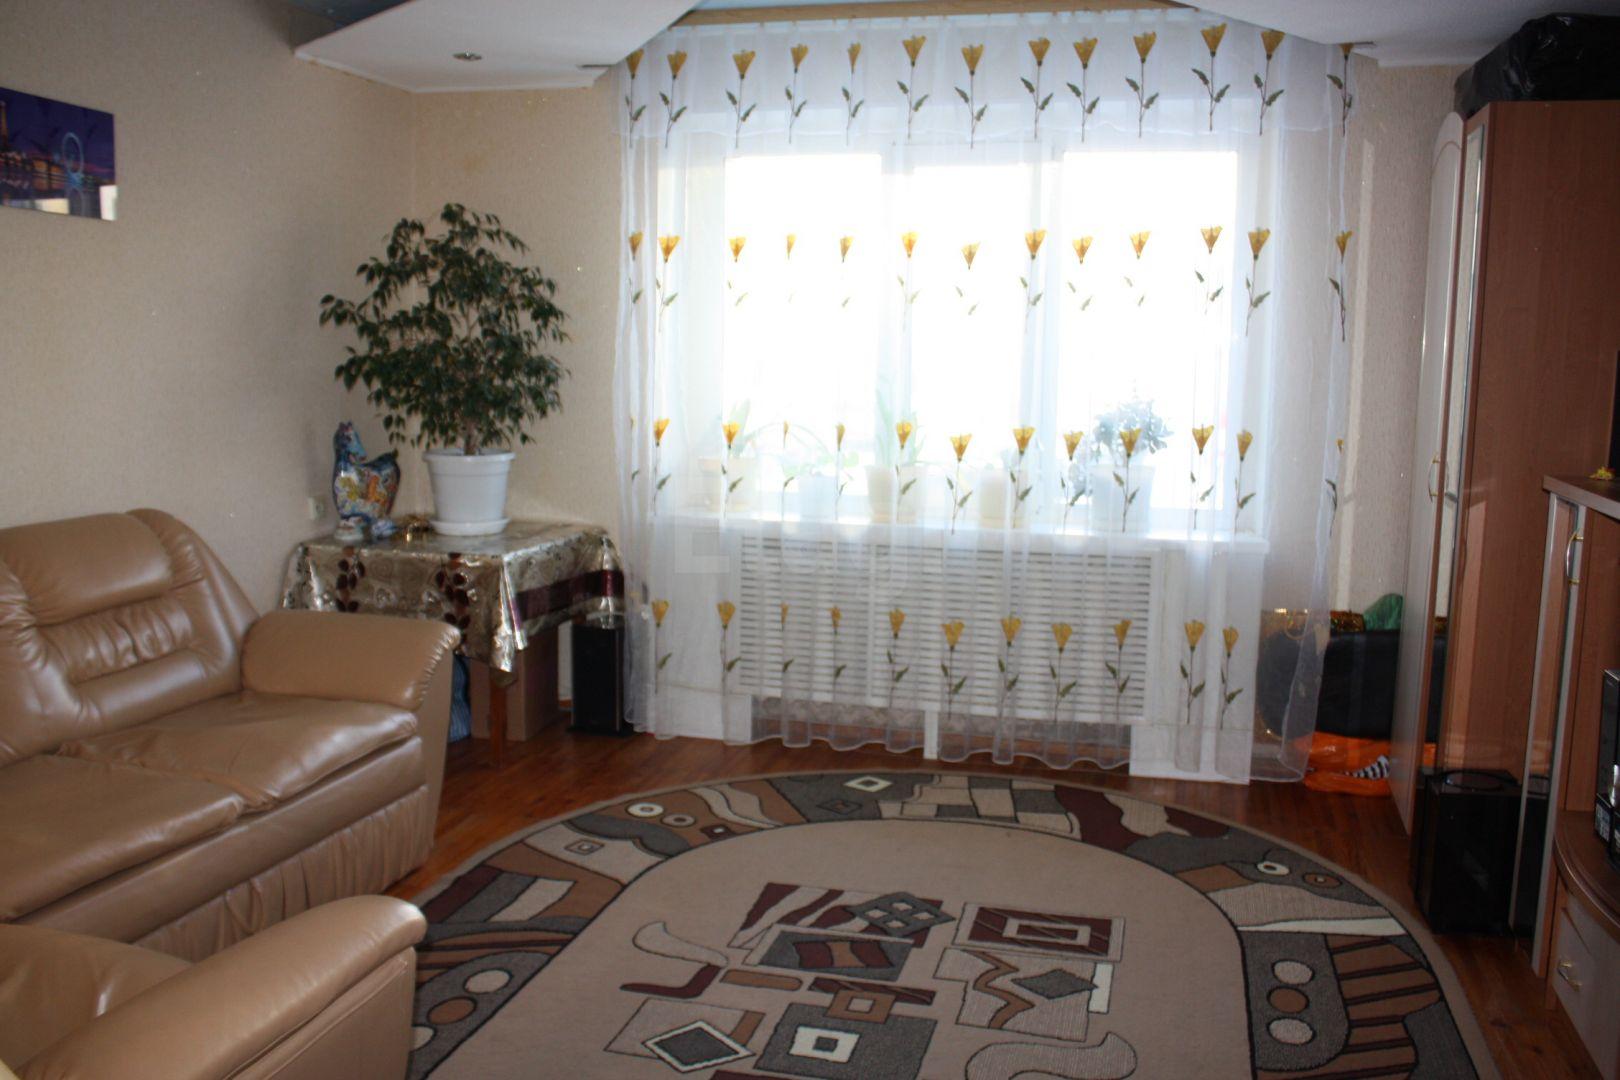 Продается четырехкомнатная квартира за 7 800 000 рублей. Центральный, ул. Коминтерна (0.3 км до центра).